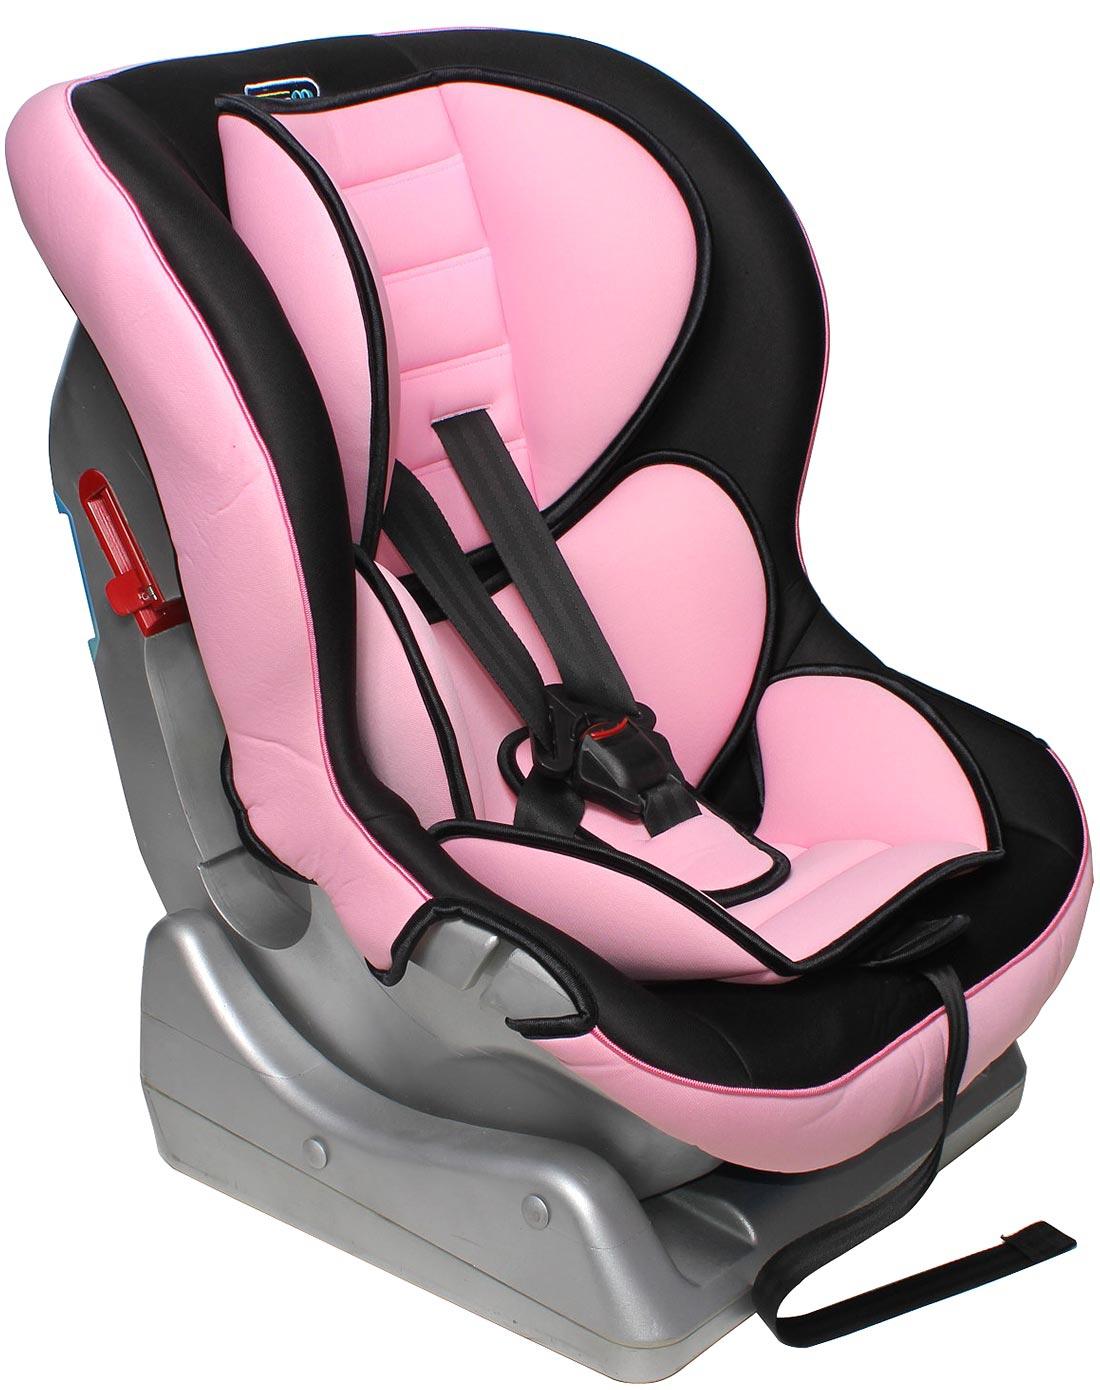 麦凯meinkind座椅儿童汽车安全座椅mk666-5b